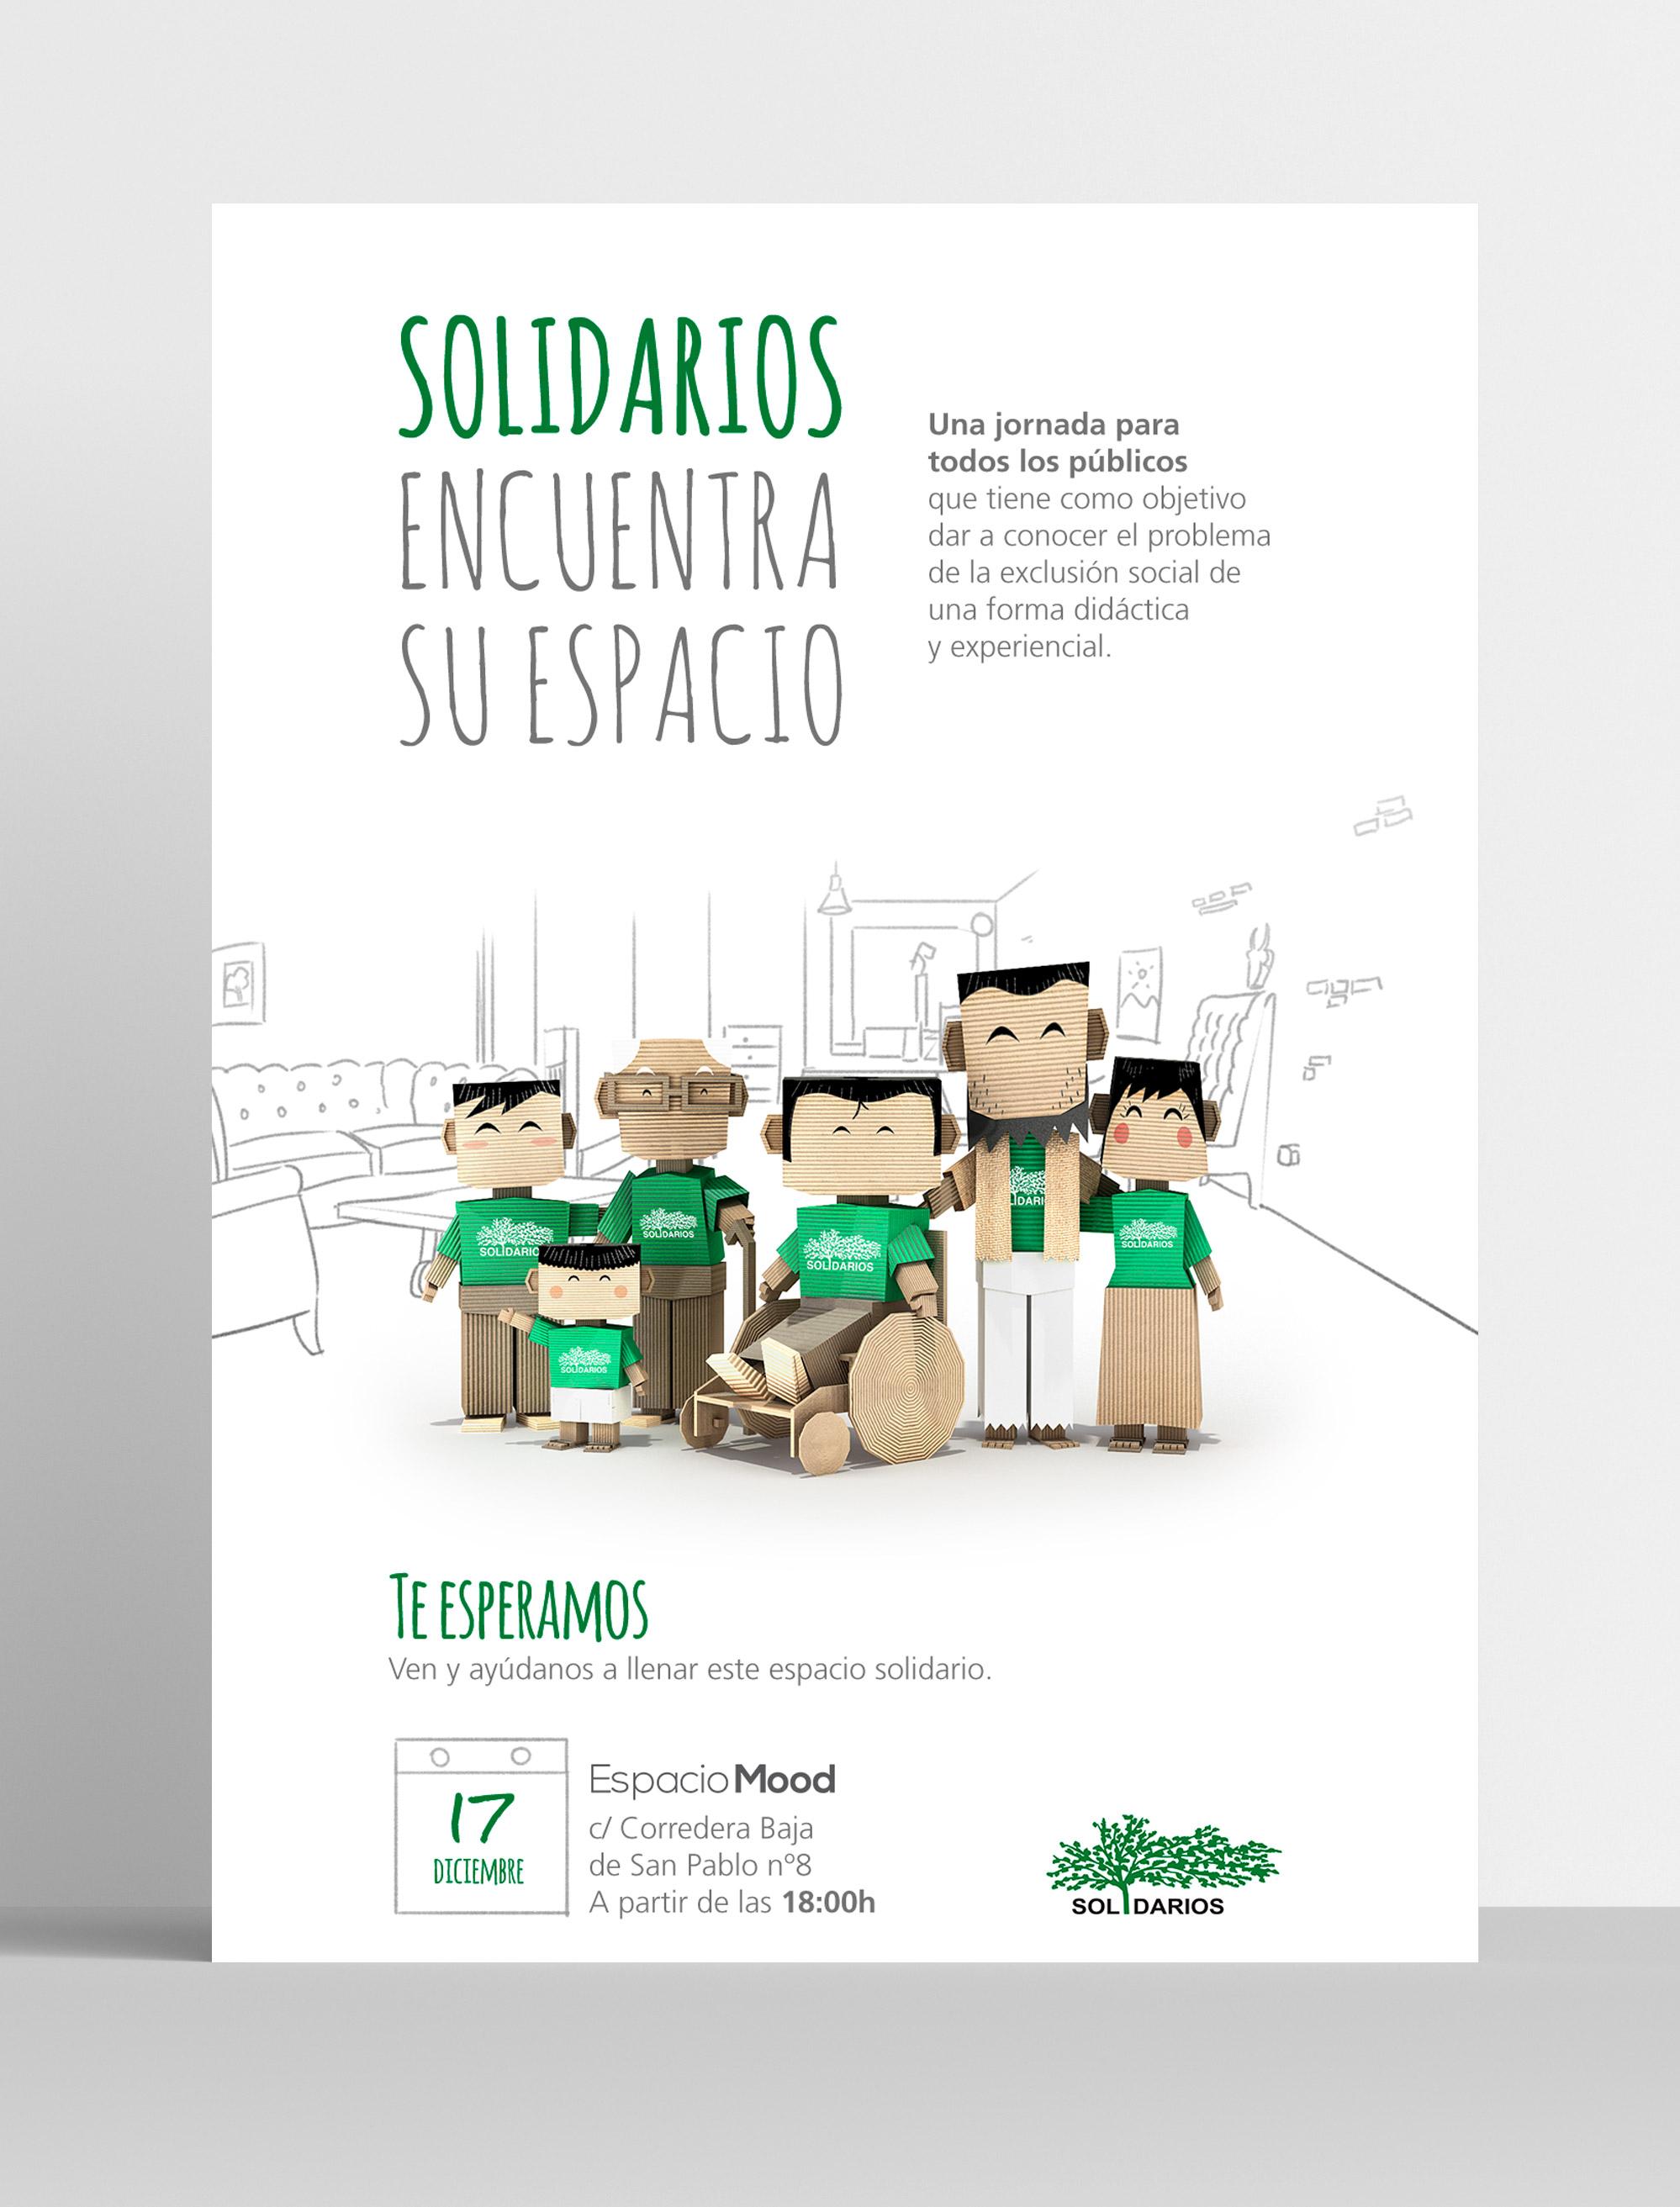 Visual de campaña del proyecto Solidarios para el Desarrollo en Espacio Mood, Madrid